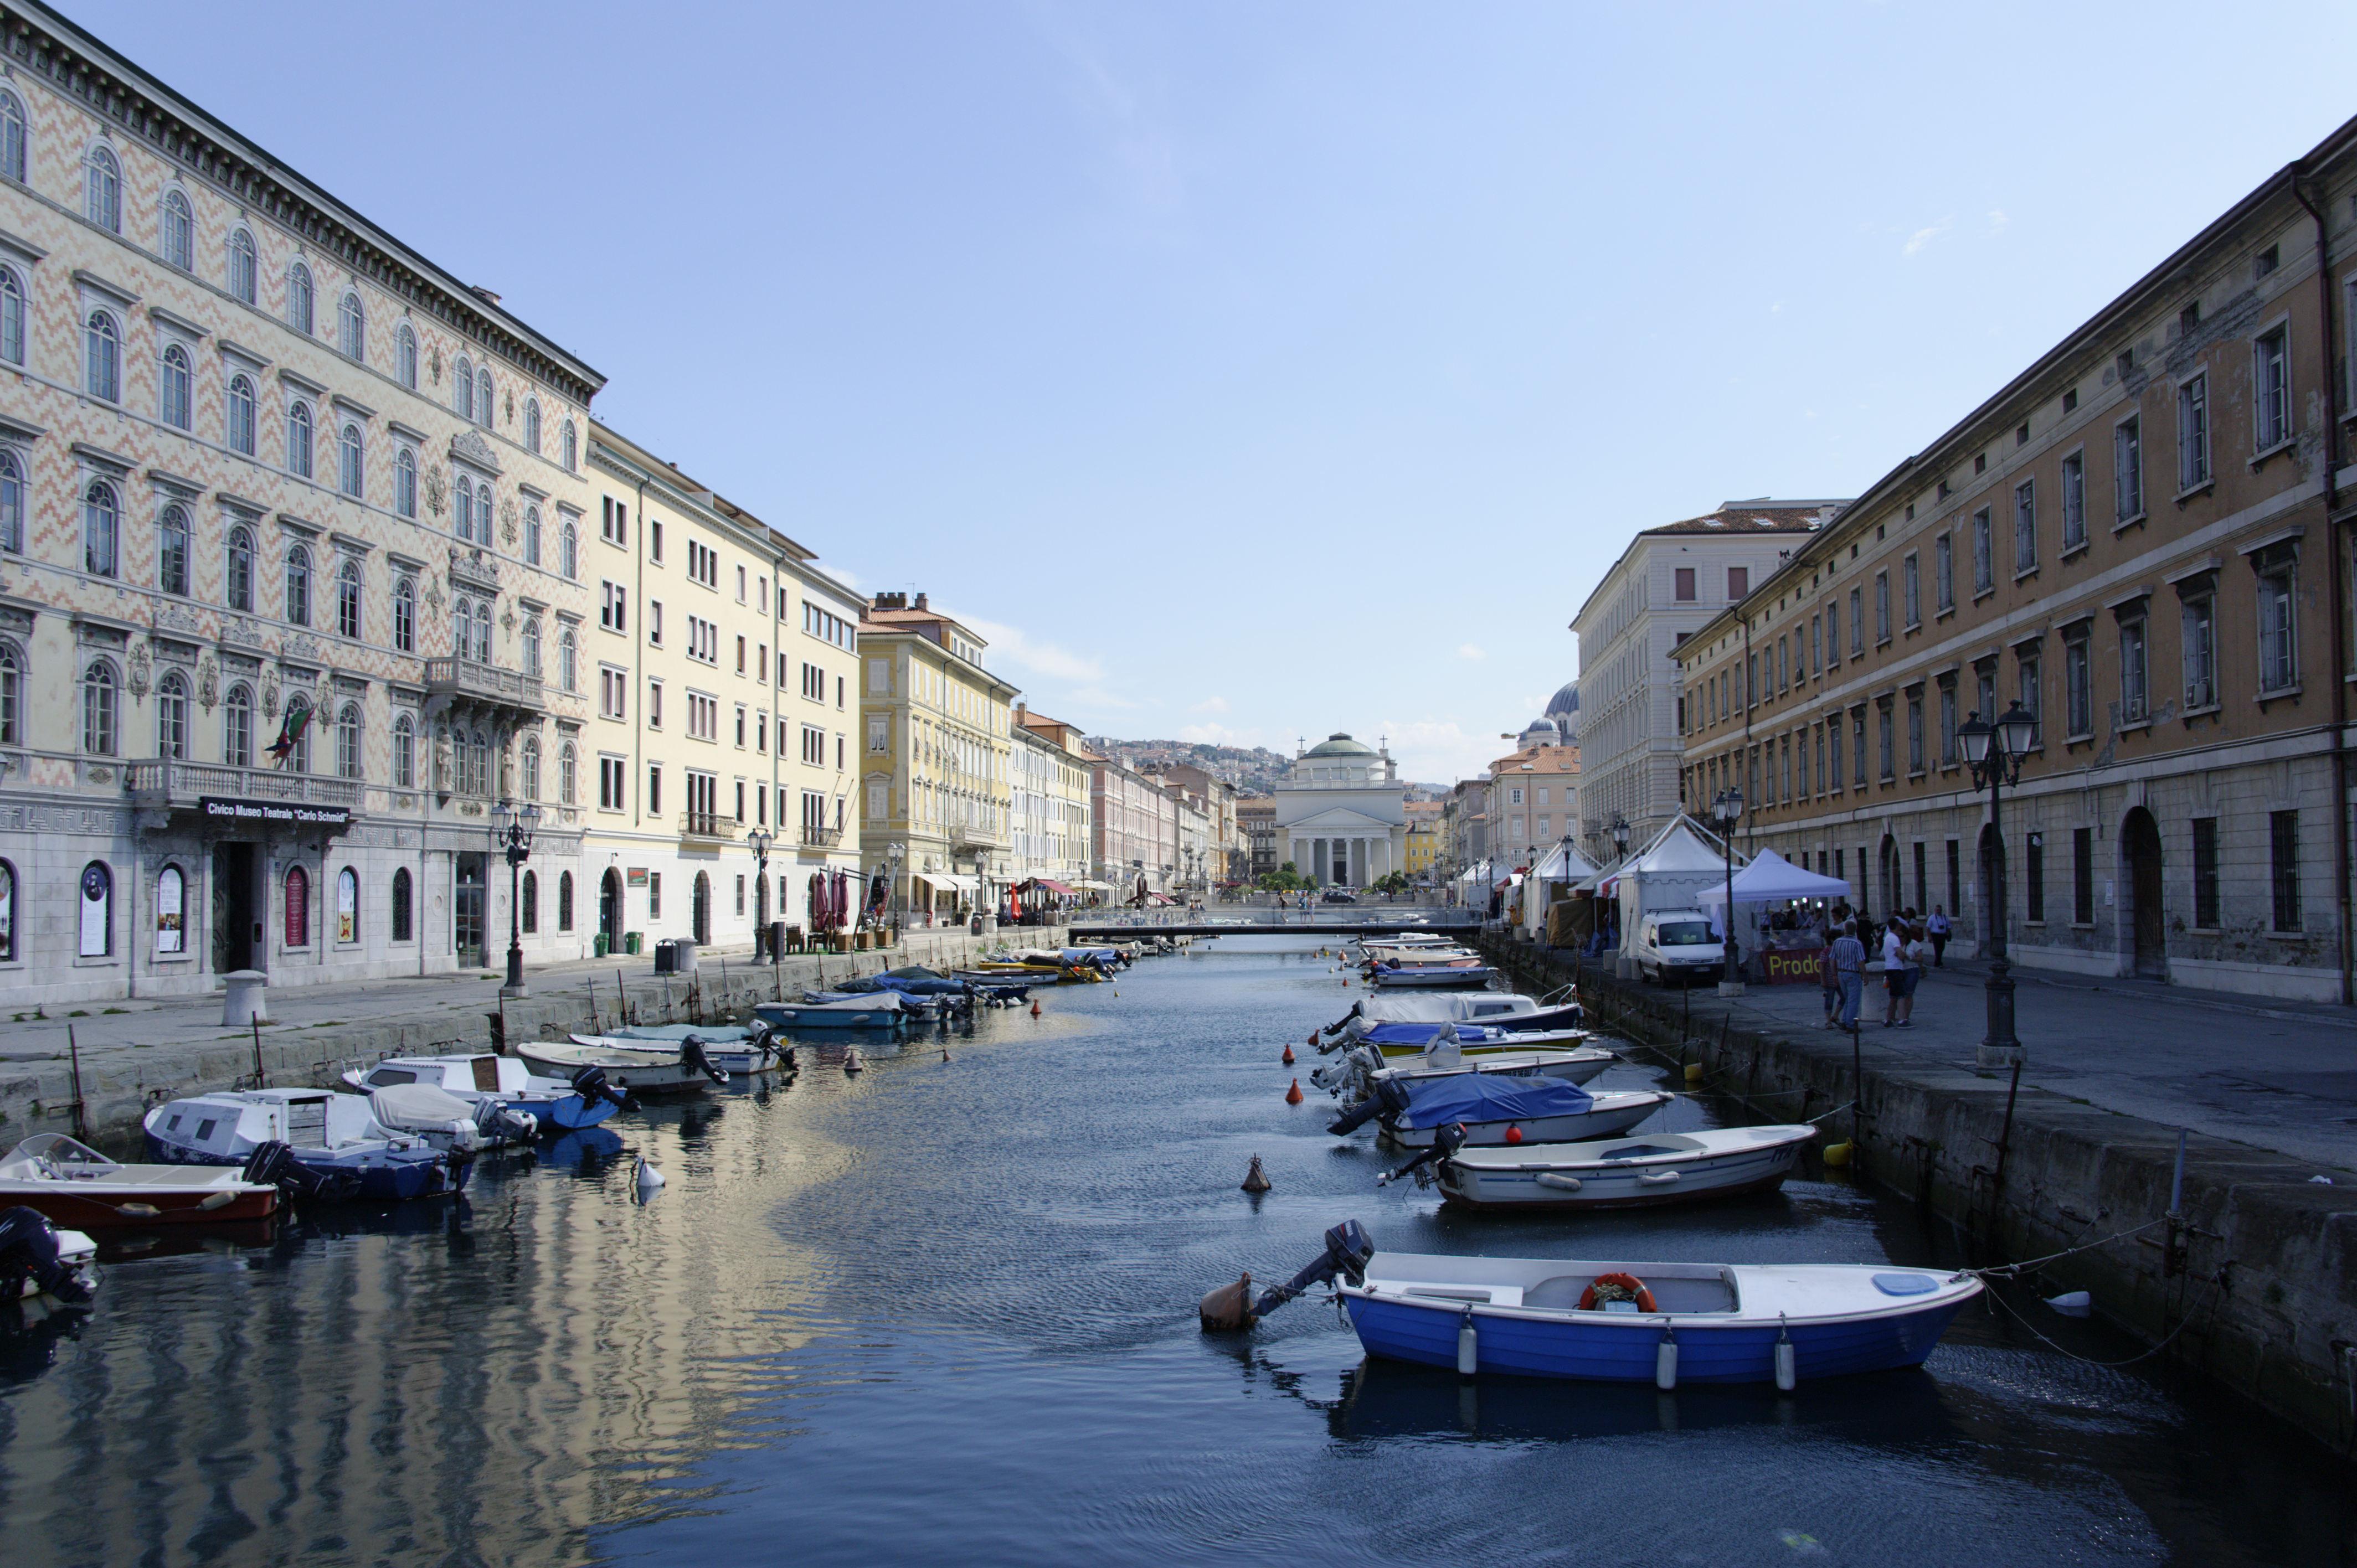 8808-Trieste